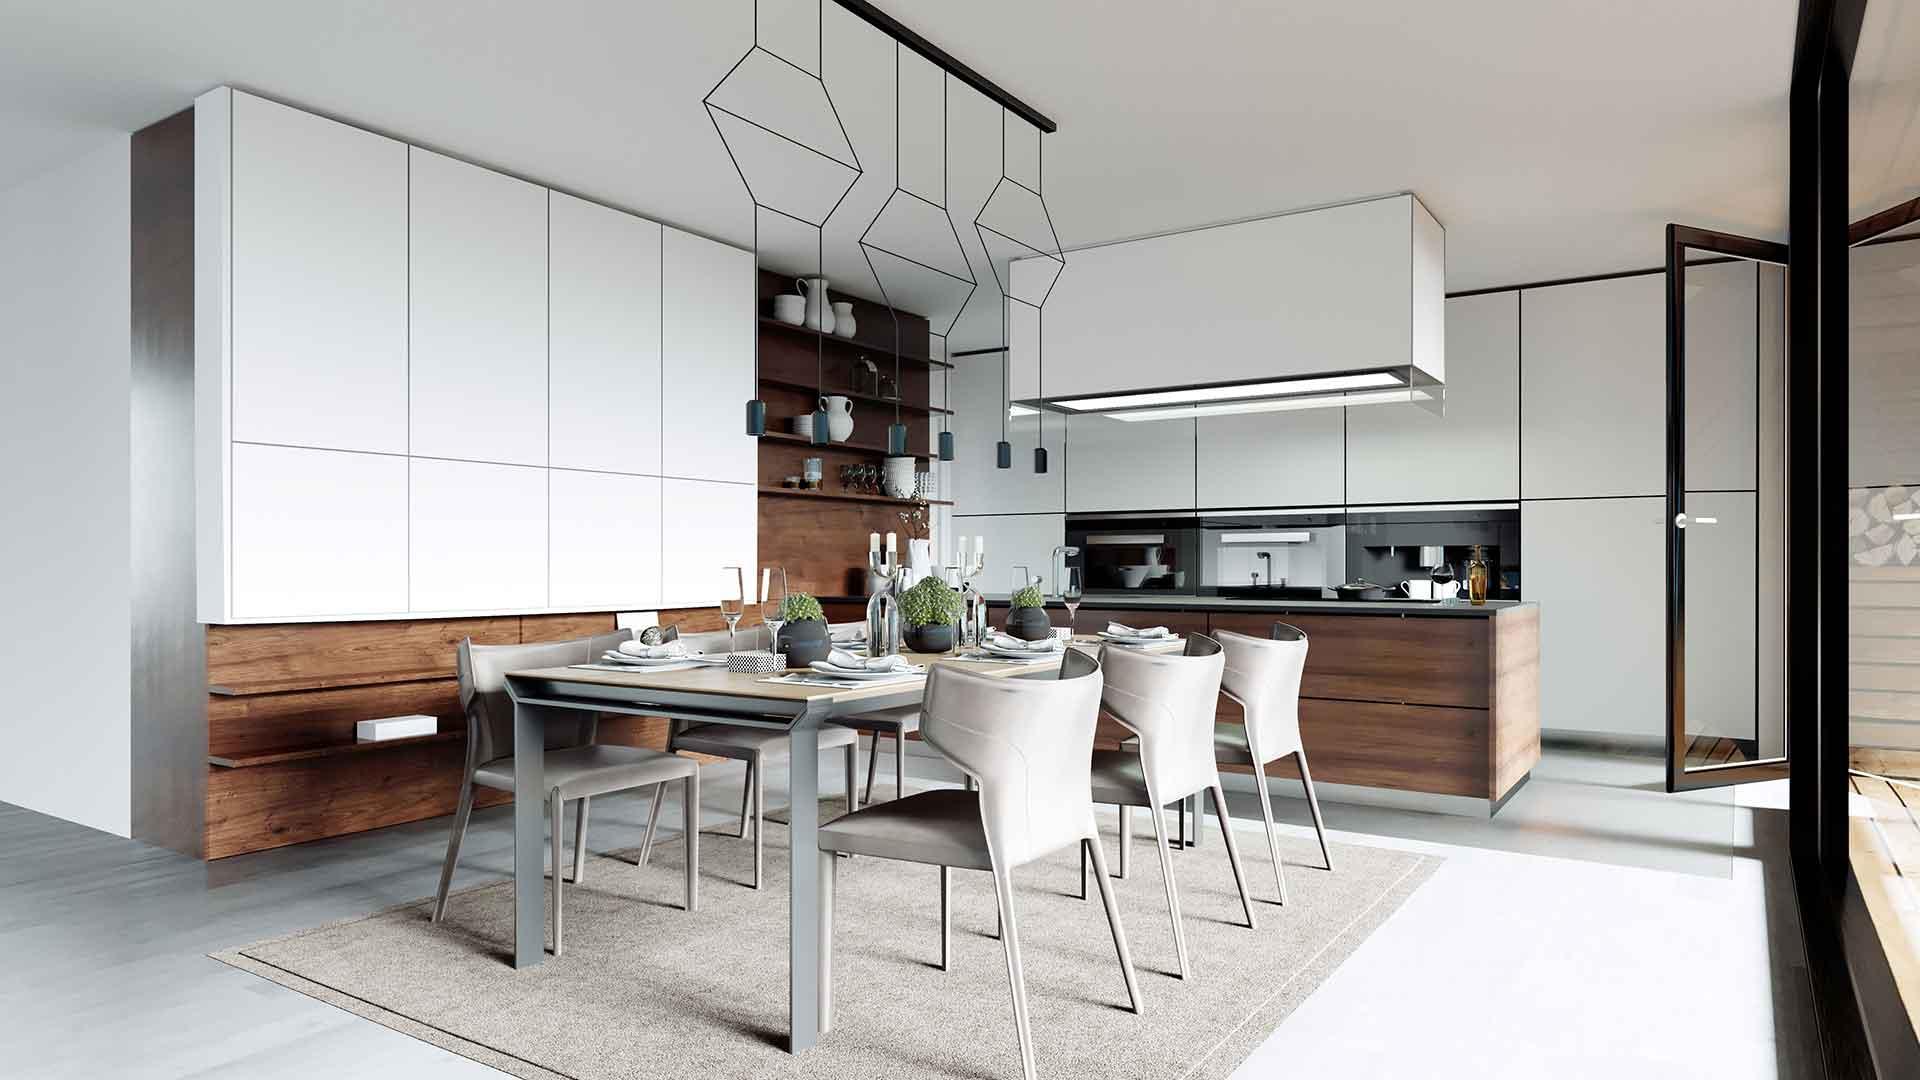 Best Kitchen Design Styles - Contemporary